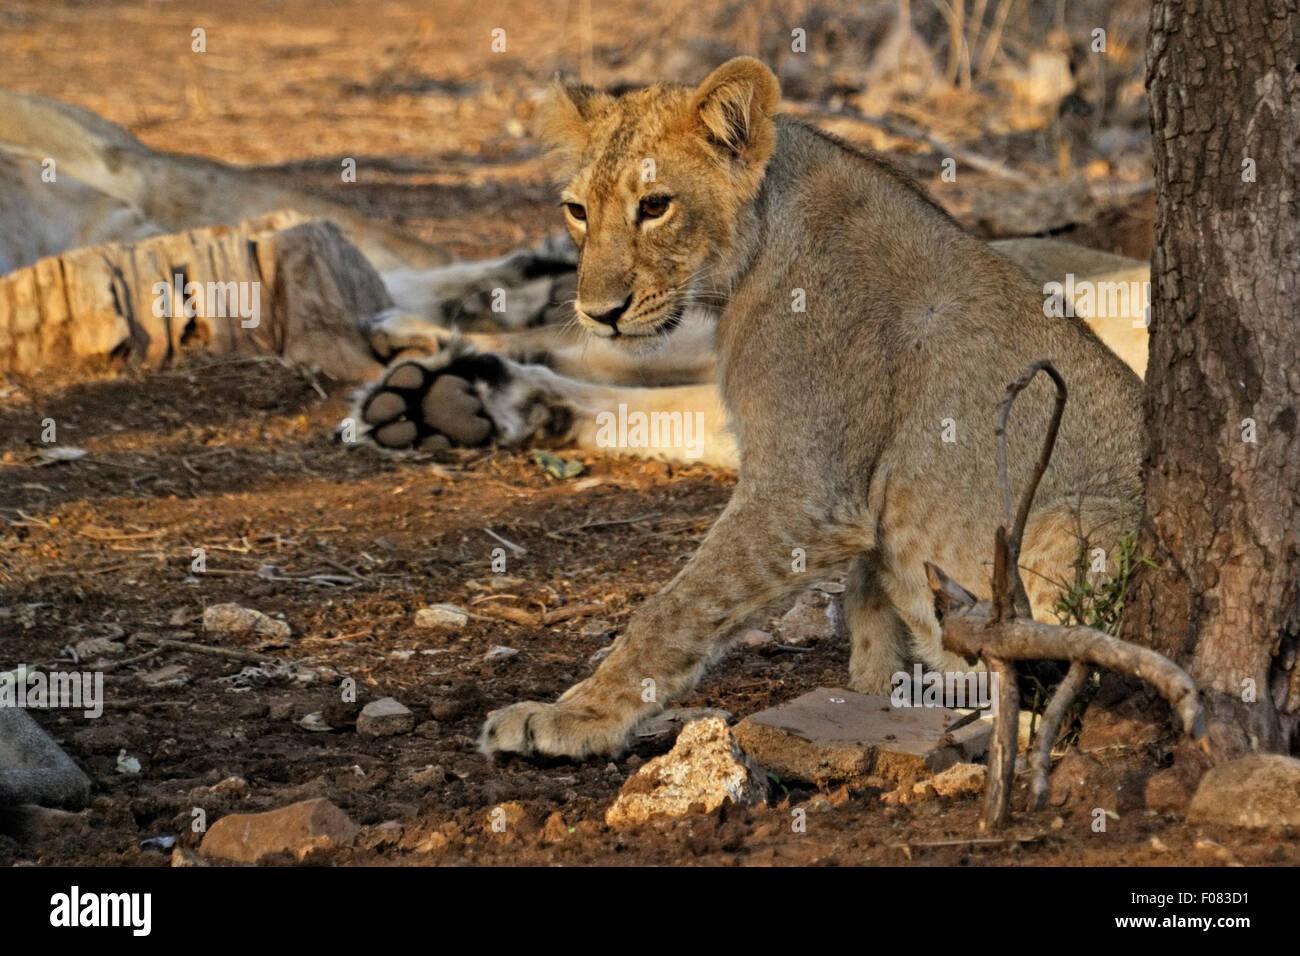 Los menores León asiático (Panthera leo persica) en el parque nacional de Gir, Gujarat, India Foto de stock